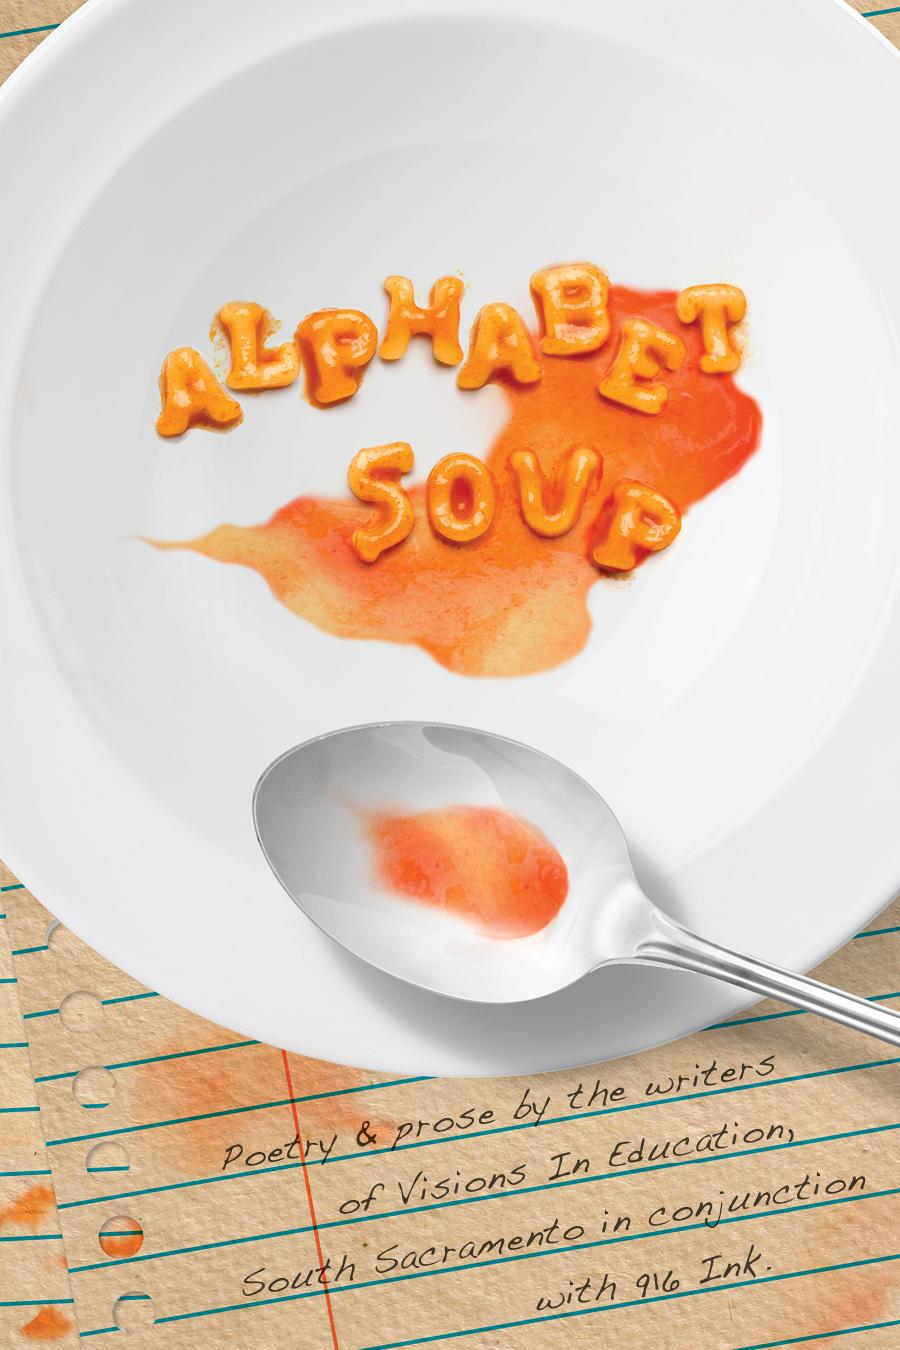 Vie_SS_AlphabetSoup_CVR.jpg